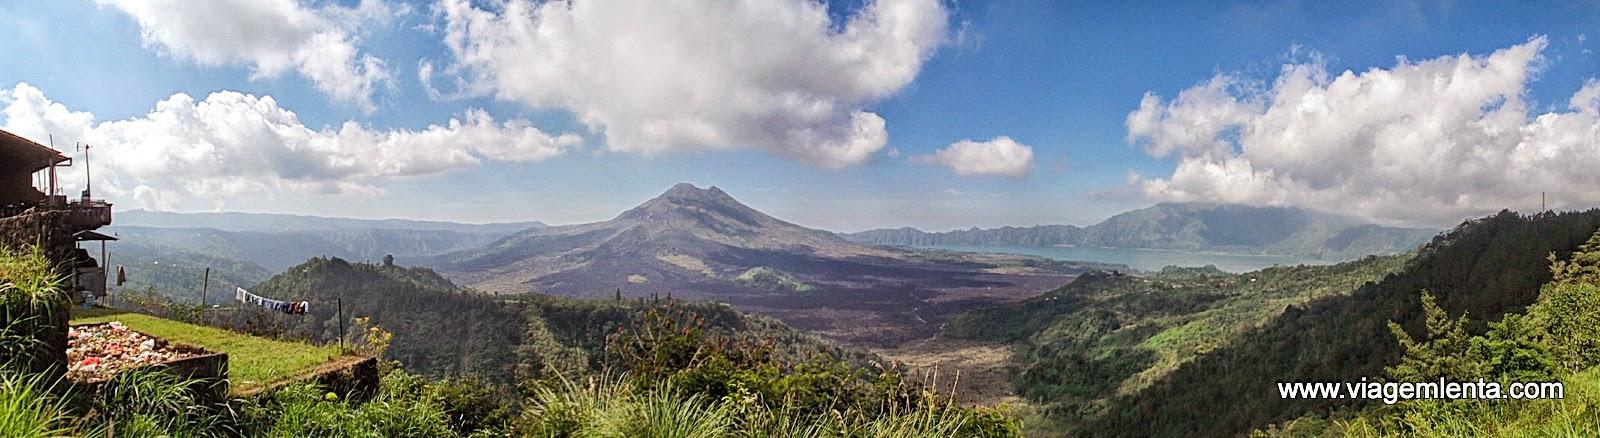 Viagem à ilha hindu de Bali, na Indonésia, com praias, templos, vulcões e cachoeiras e um voluntariado em um orfanato.